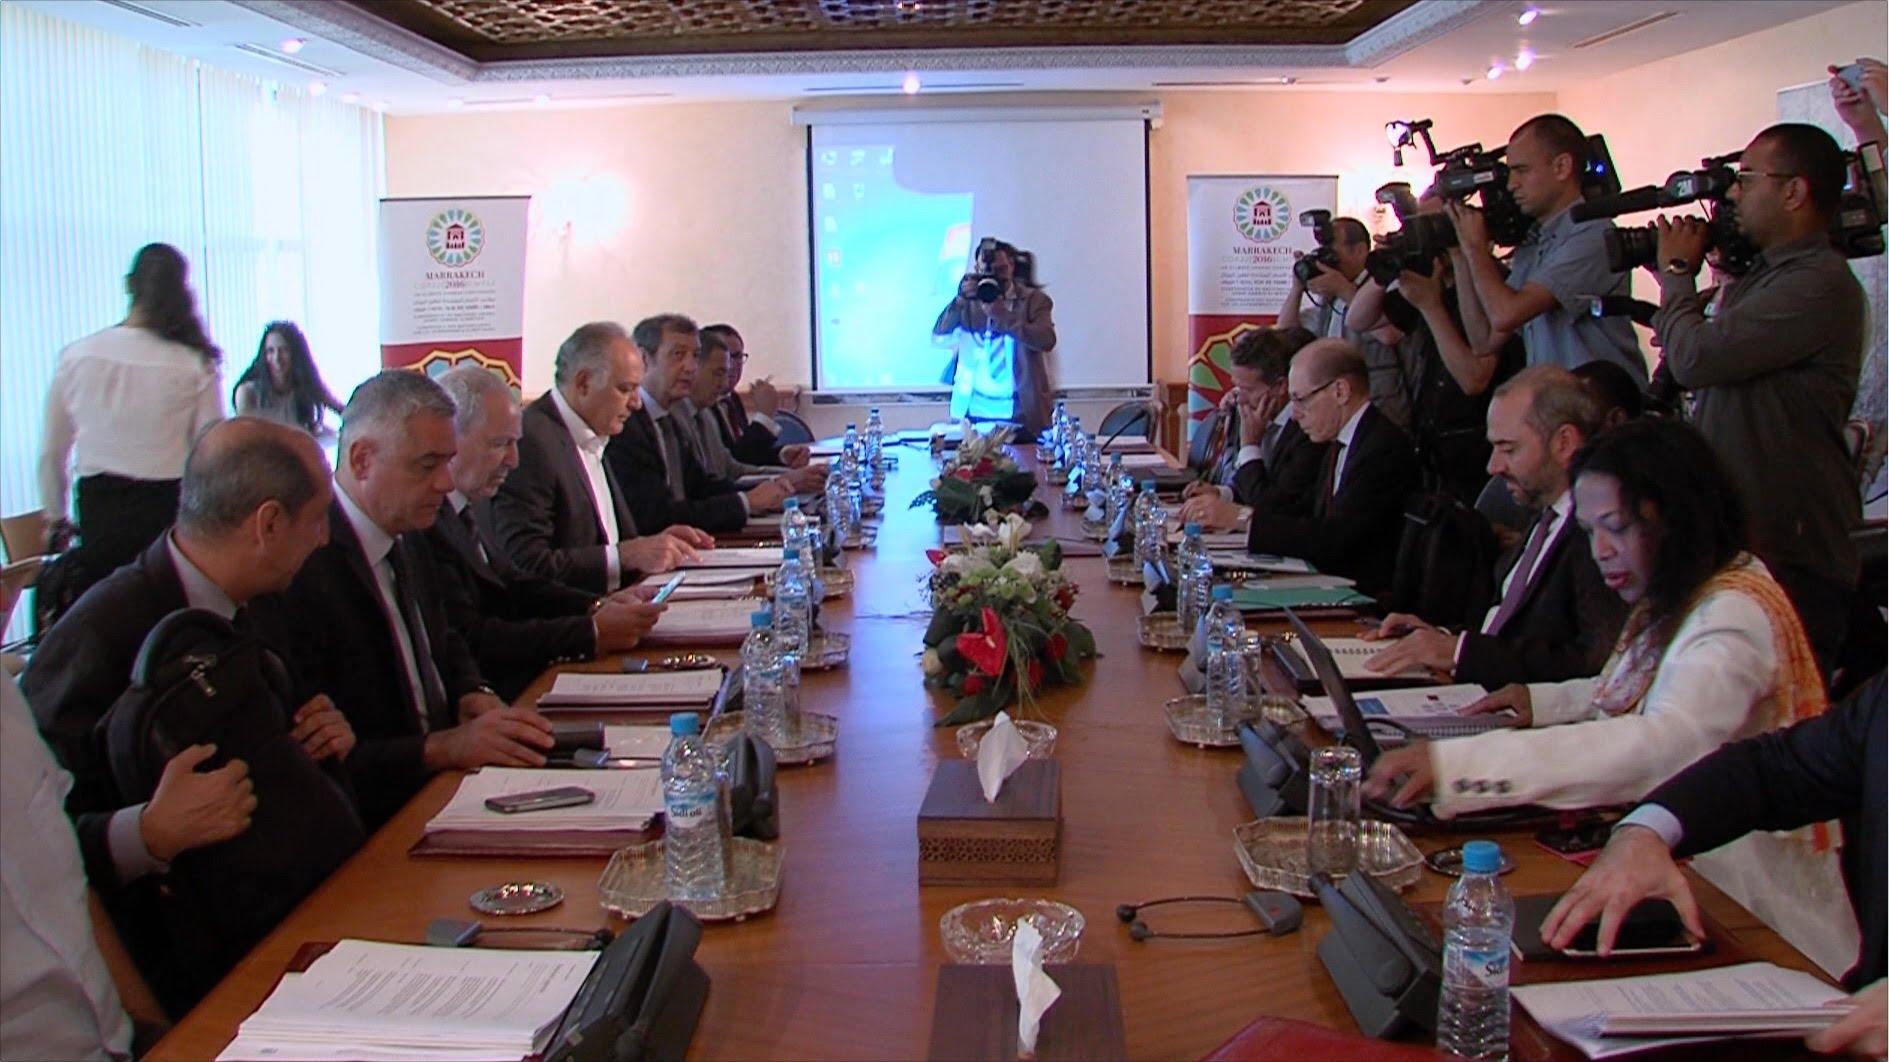 مزوار ييتباحث مع الأمين التنفيذي بالنيابة للاتفاقية الإطار للأمم المتحدة بشأن التغيرات المناخية